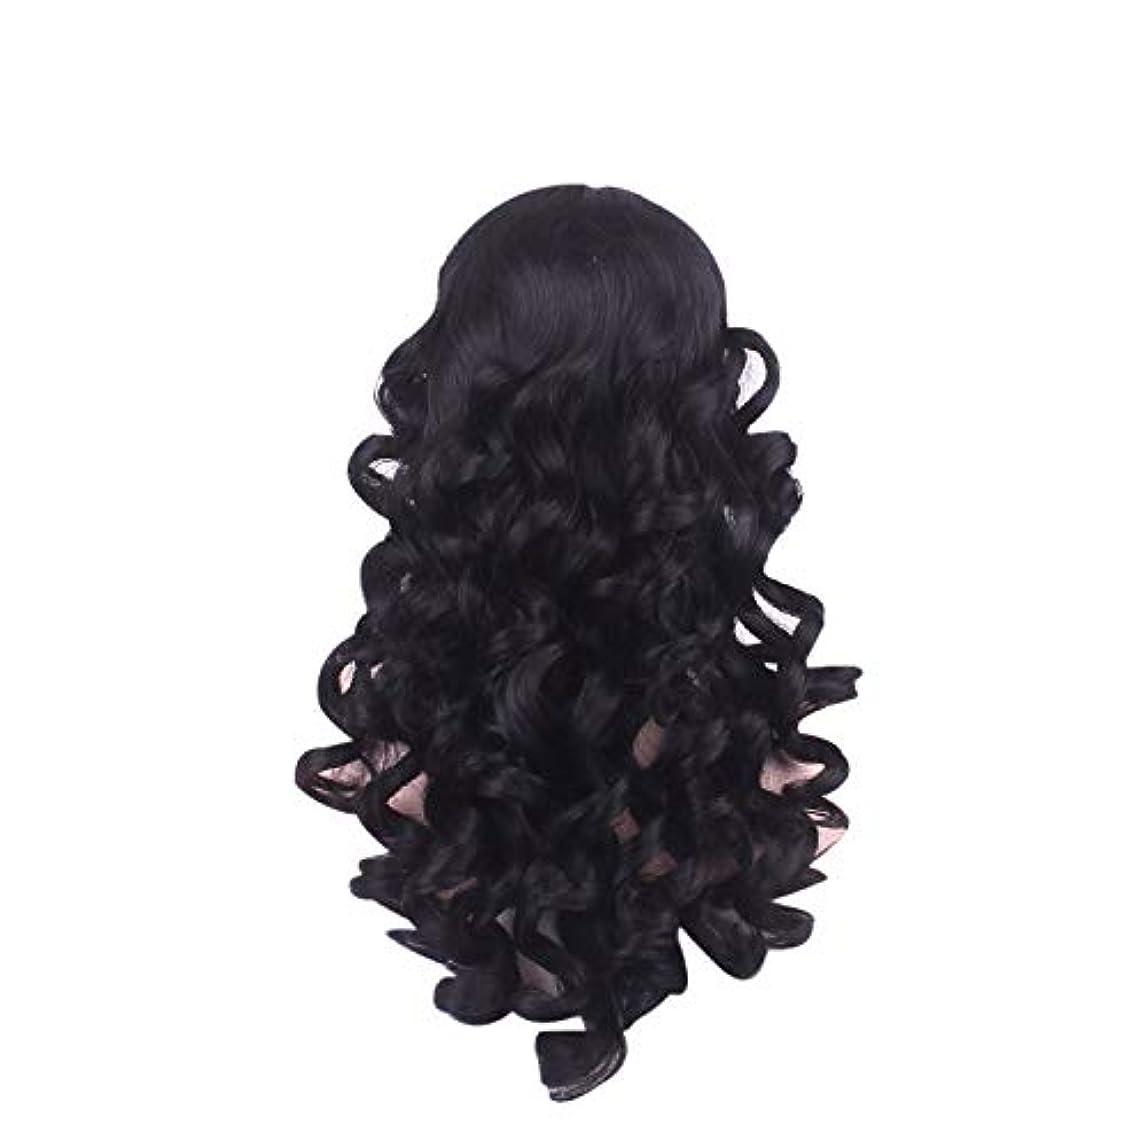 星付ける活性化女性の長い巻き毛のファッションかつらローズネット65 cm